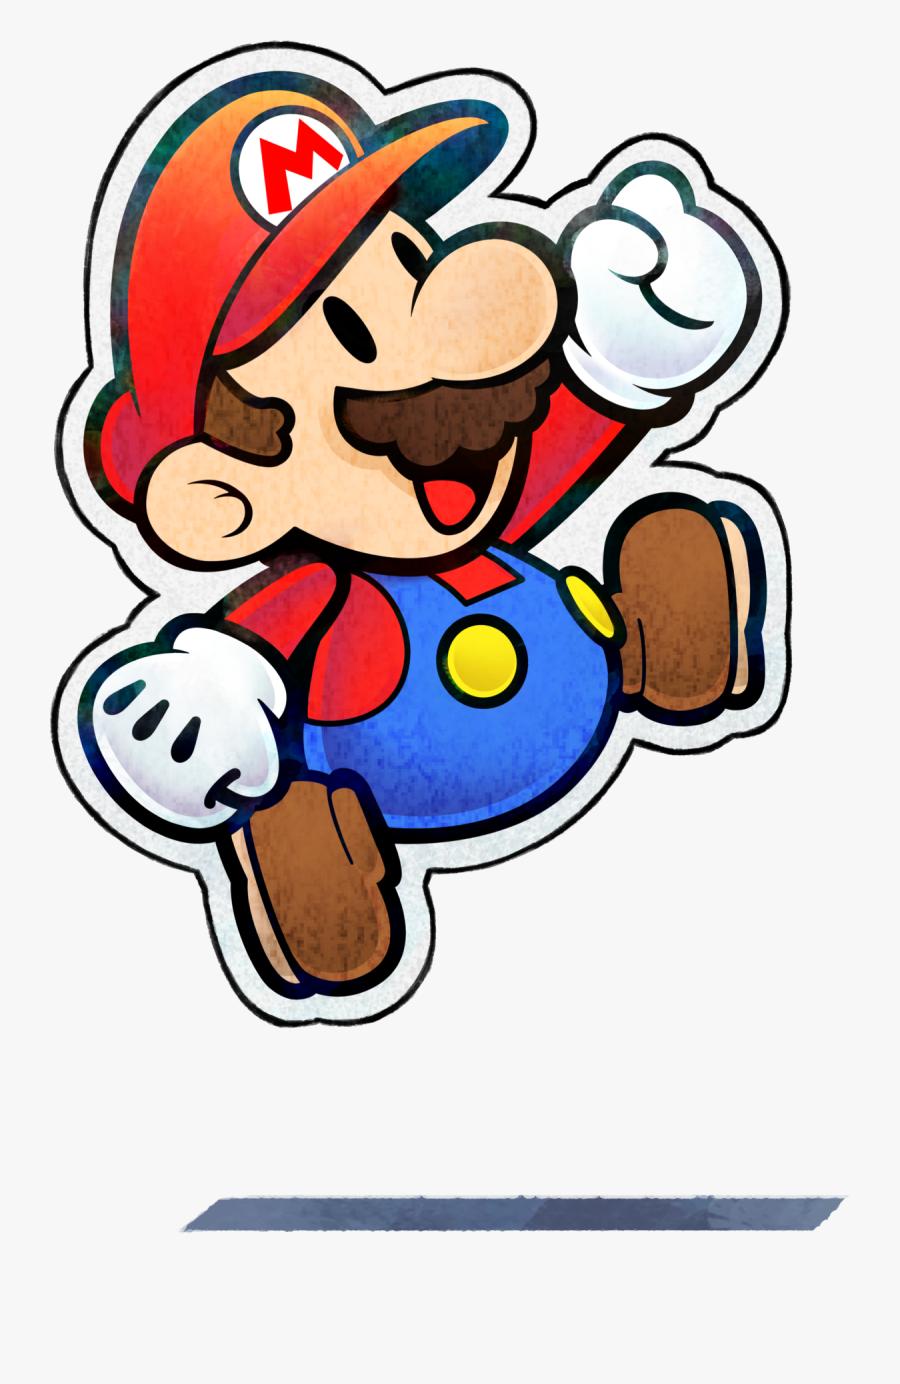 Paper Mario - Mario & Luigi Paper Jam Paper Mario, Transparent Clipart